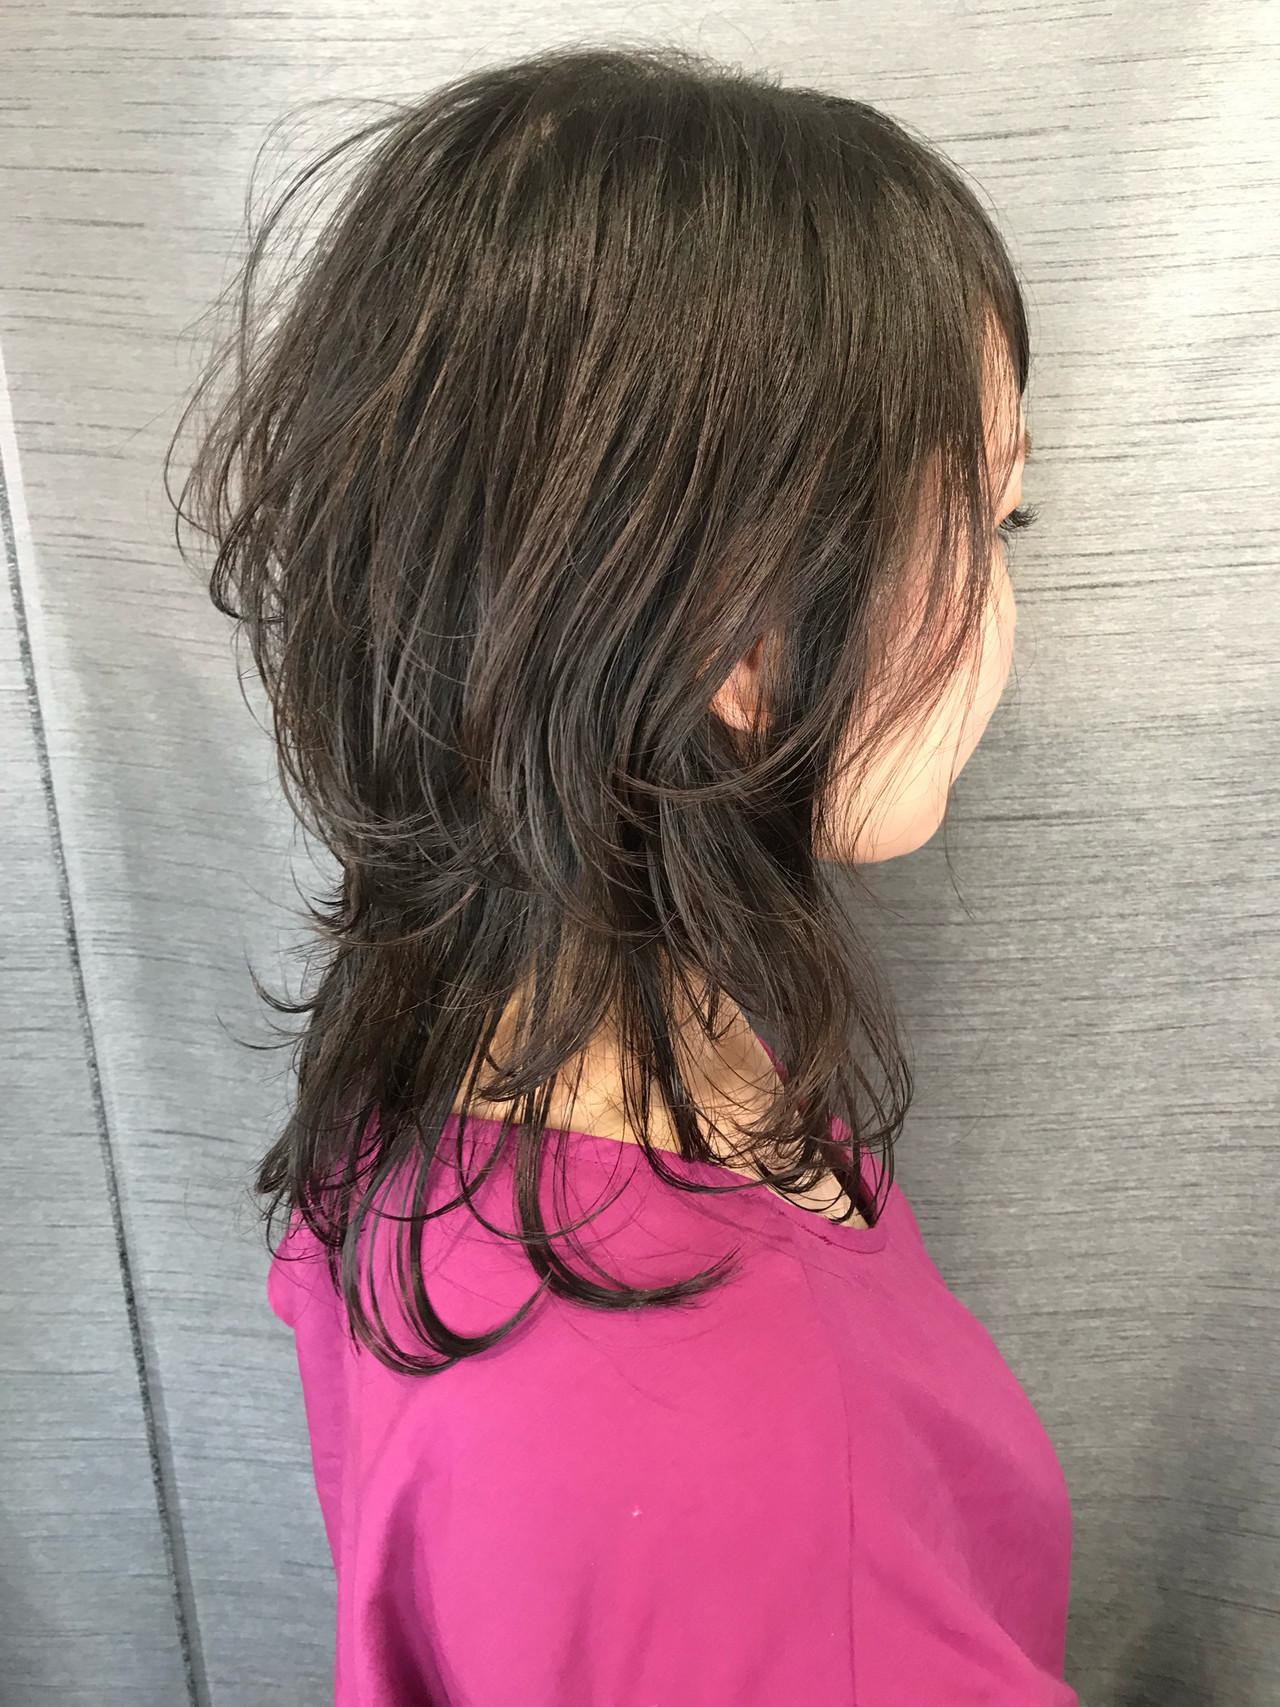 ウルフカット 大人可愛い 無造作ヘア ブランジュヘアスタイルや髪型の写真・画像